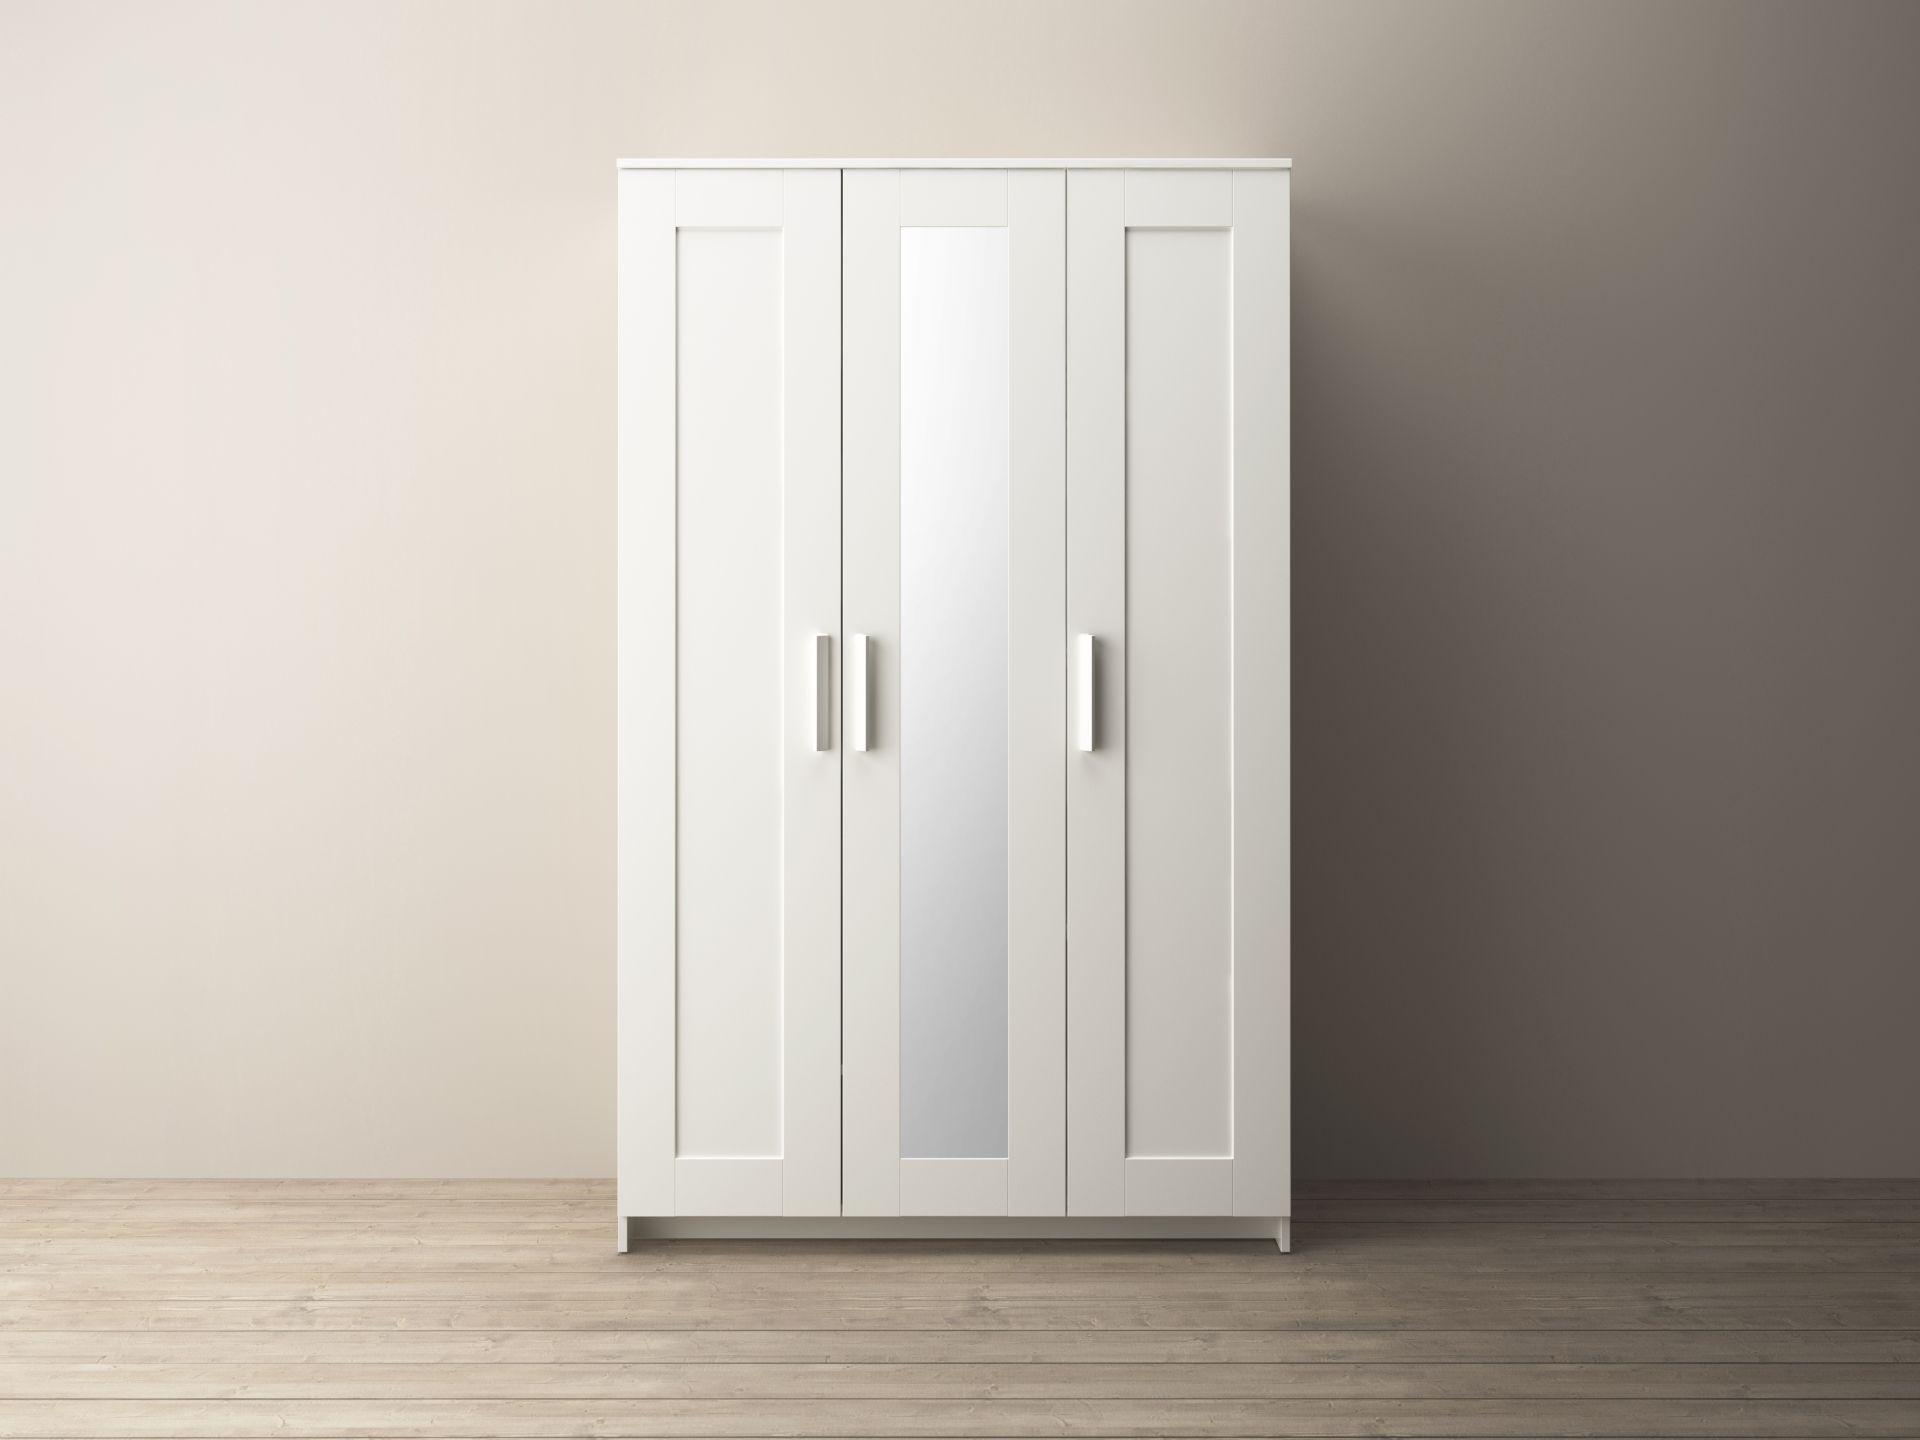 Wandkasten Slaapkamer Ikea : Brimnes kledingkast met deuren wit in ikea catalogus